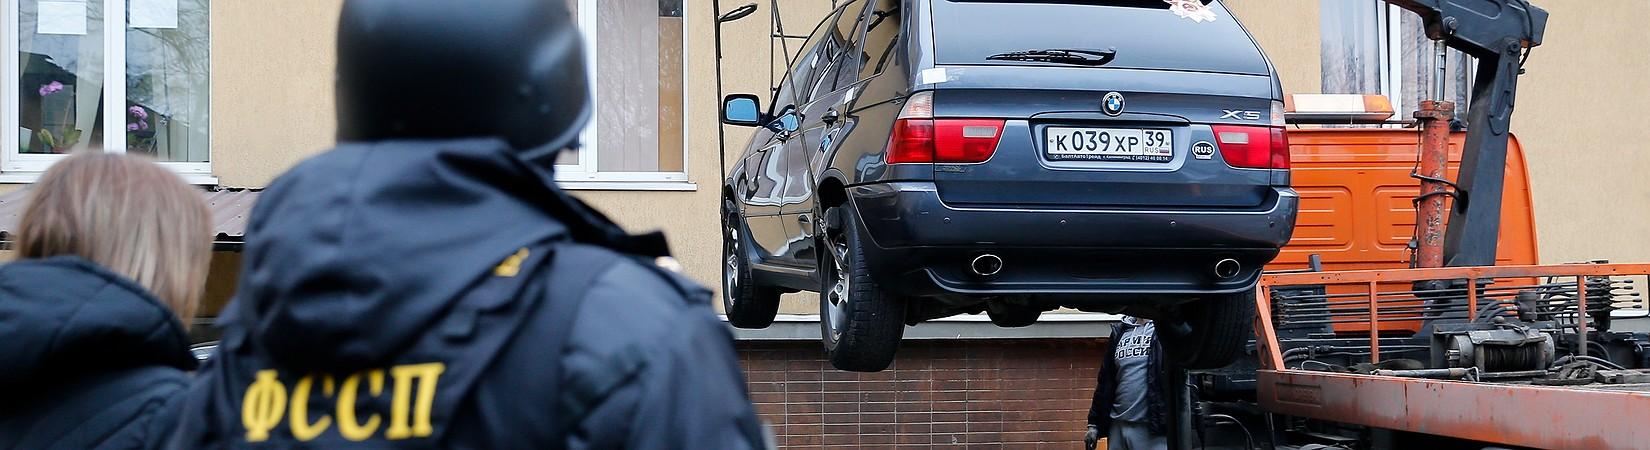 Россиянам спишут 1 трлн рублей безнадежных долгов